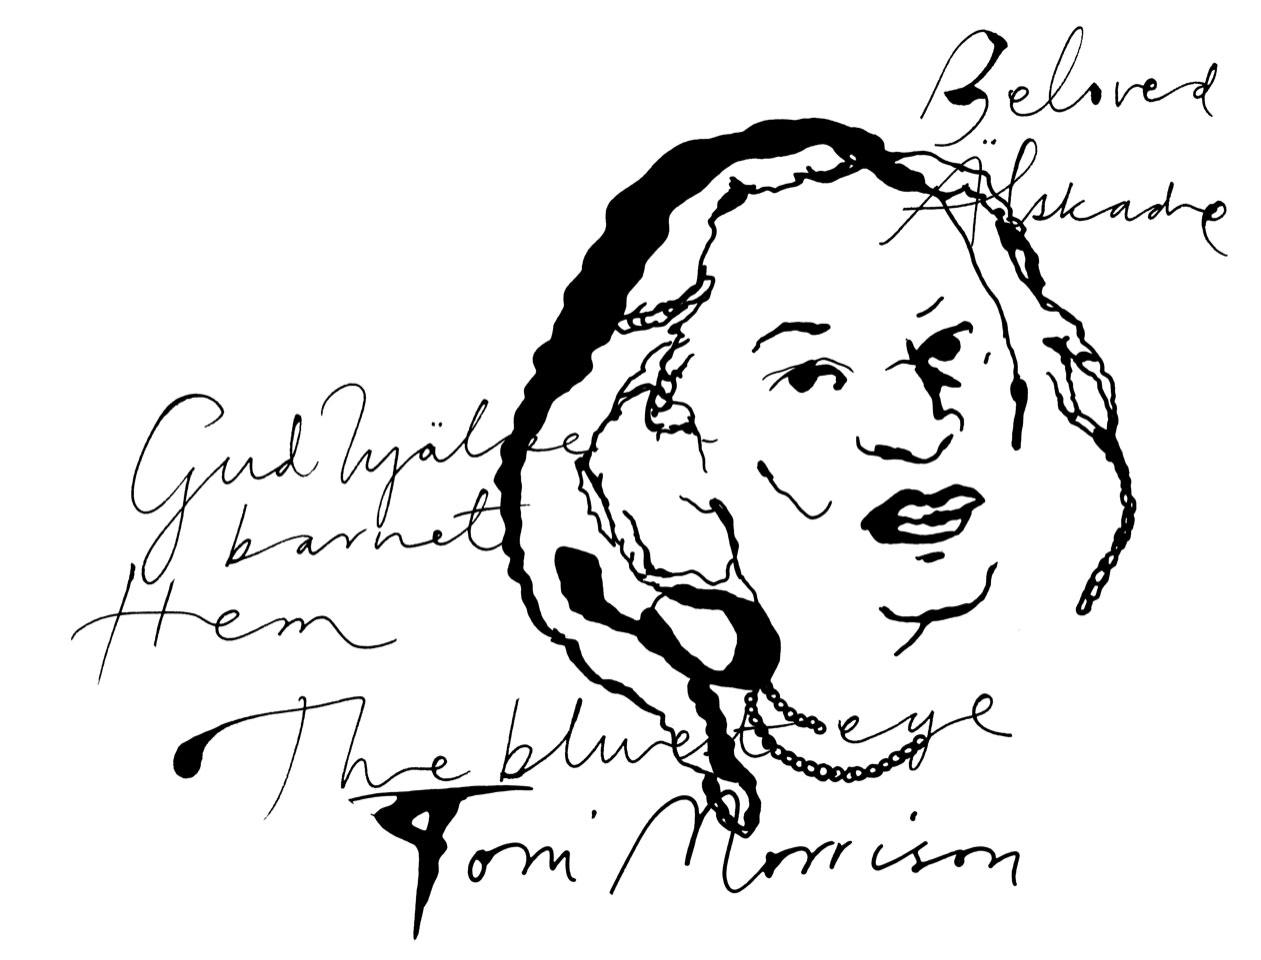 Toni-morrison-fine-art-print3c.jpg